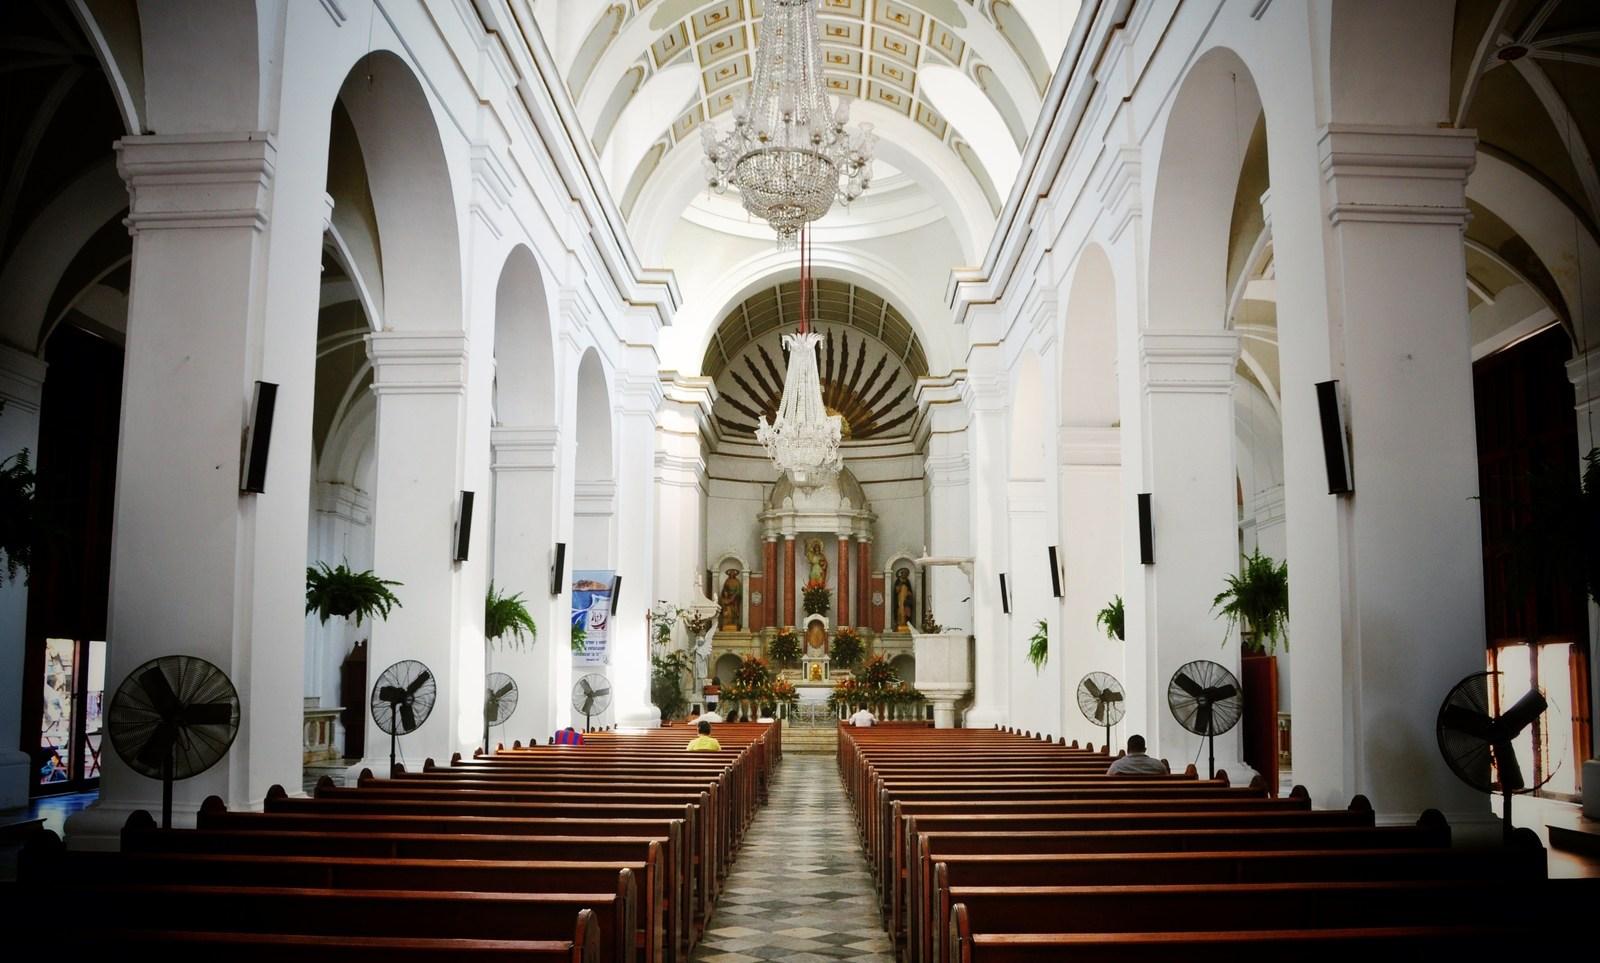 A l'intérieur de l'église, Santa Marta Santa Marta